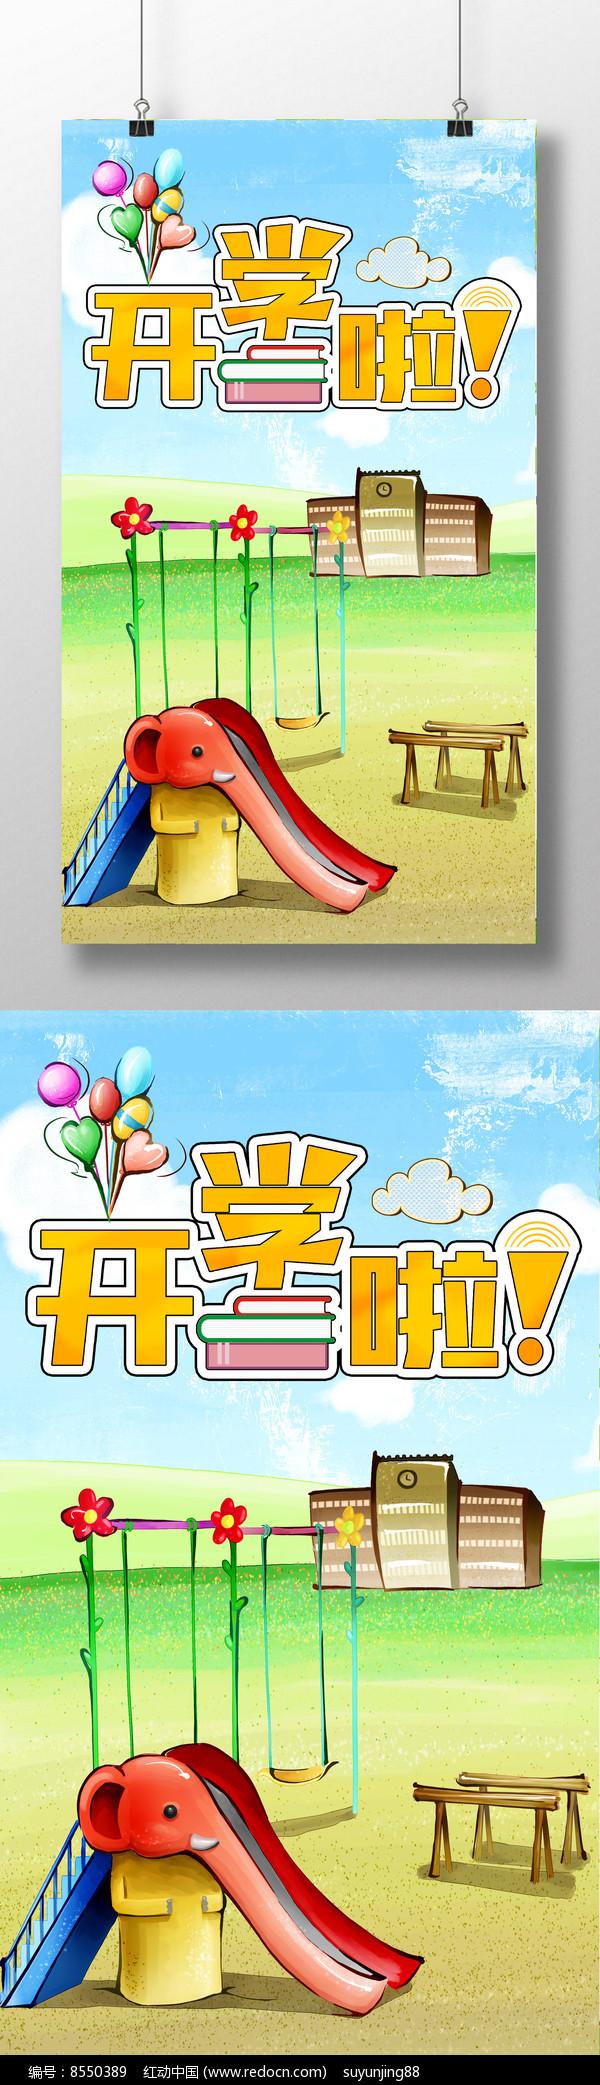 幼儿园开学季海报设计